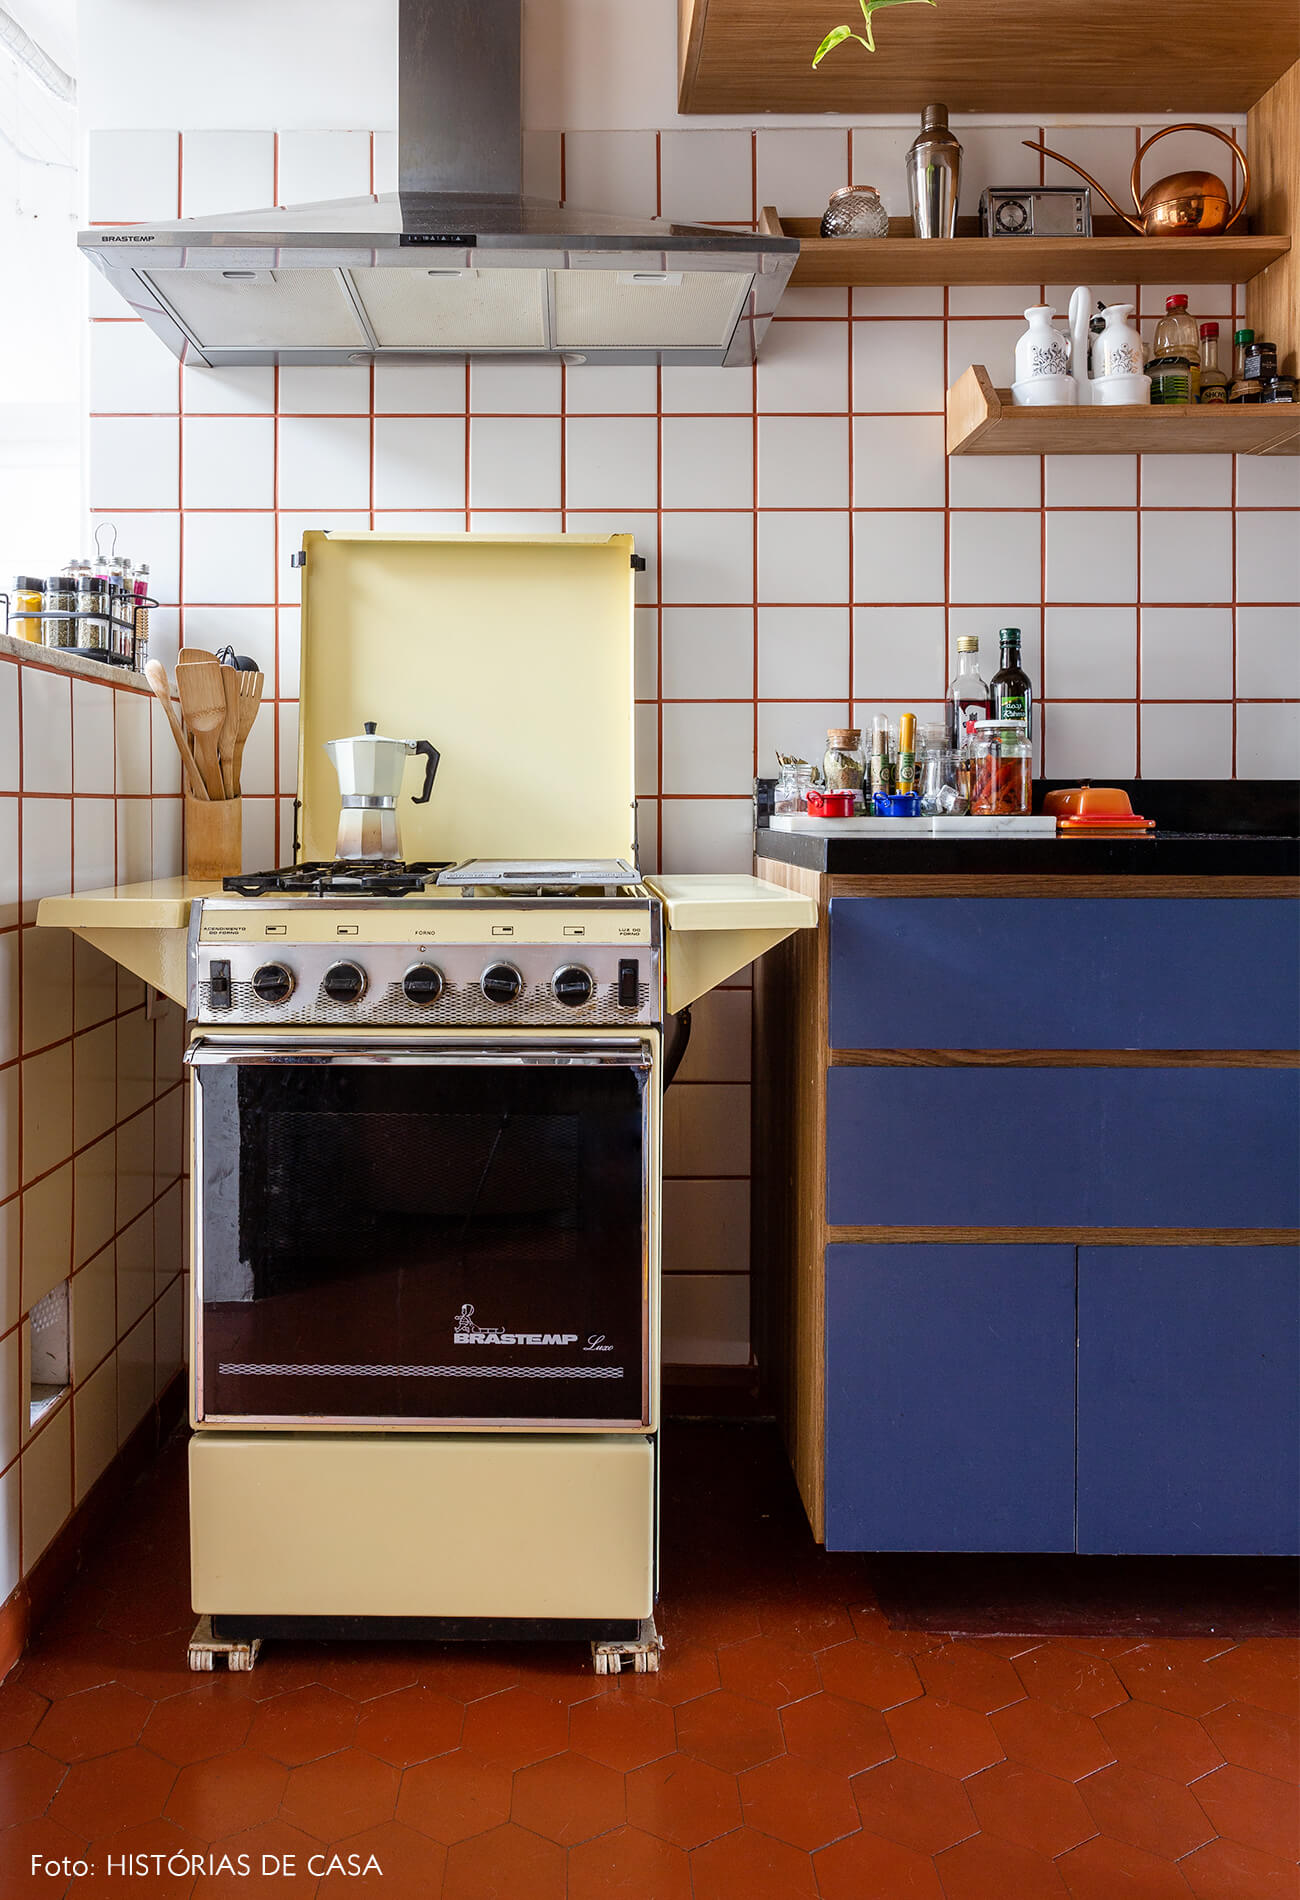 decoração cozinha com azulejos brancos e fogão antigo amarelodecoração cozinha com azulejos brancos e fogão antigo amarelo